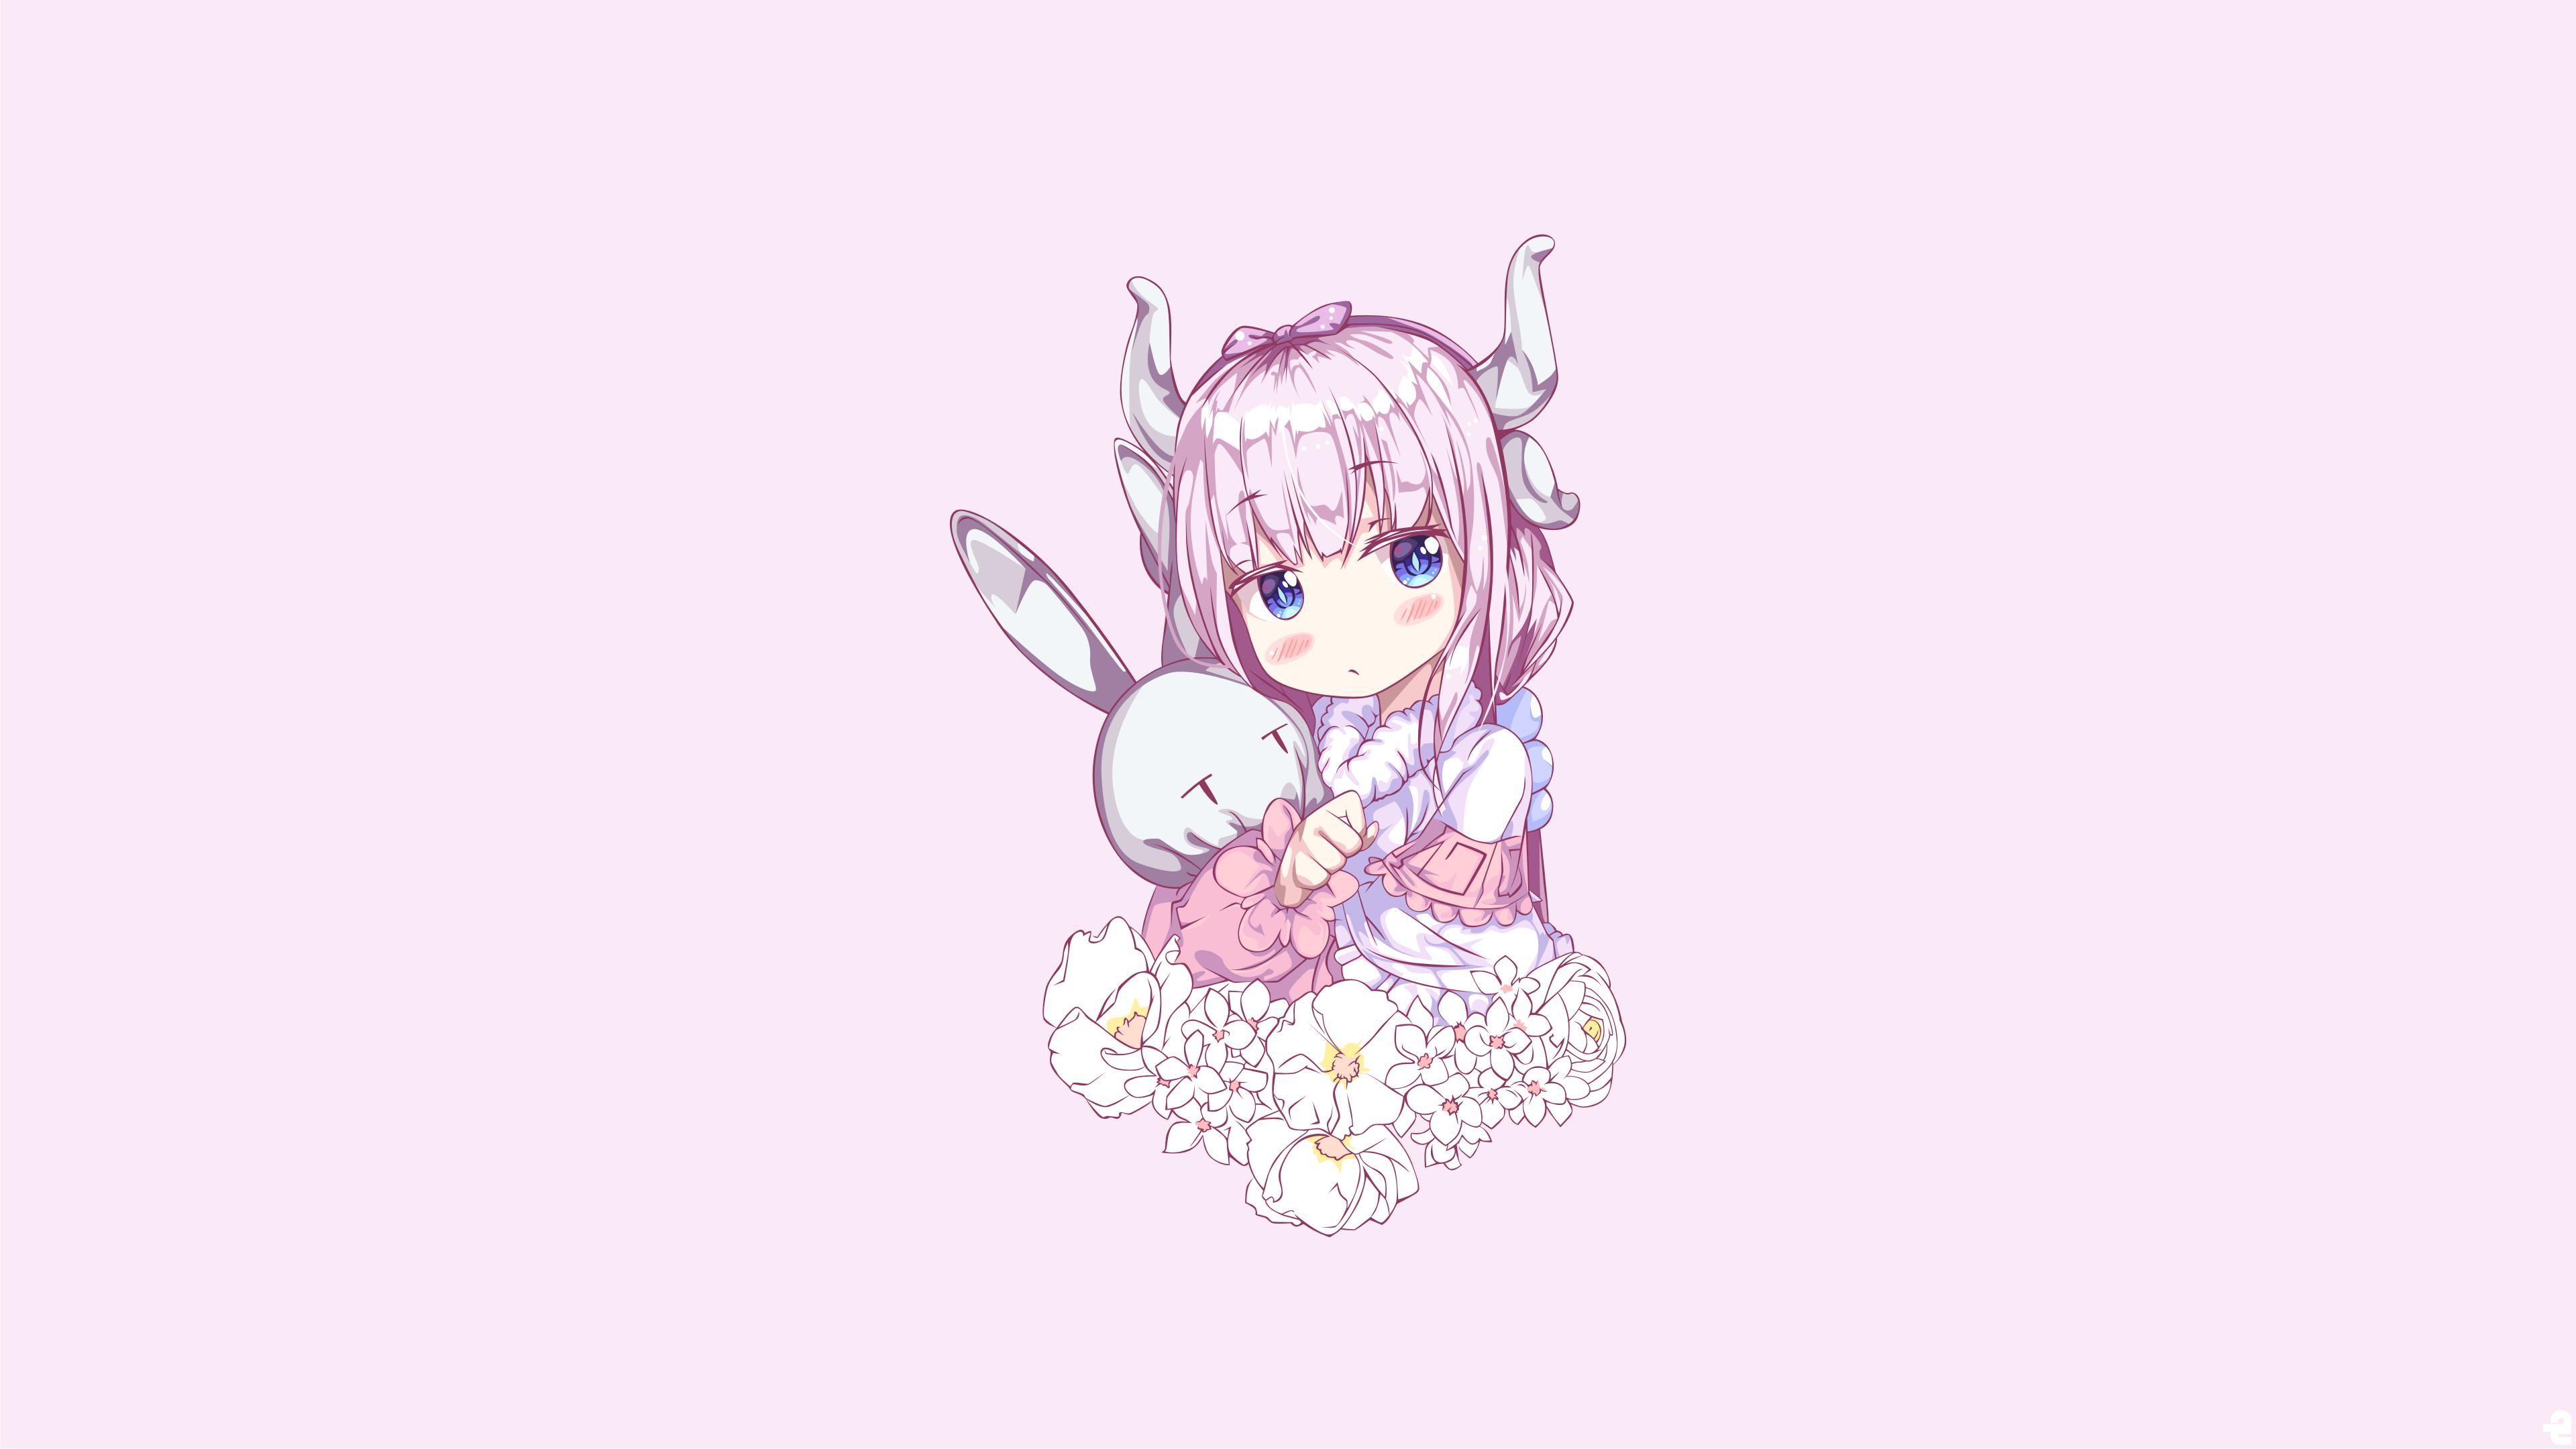 デスクトップ壁紙 アニメの女の子 白い肌 小林さんちのメイド